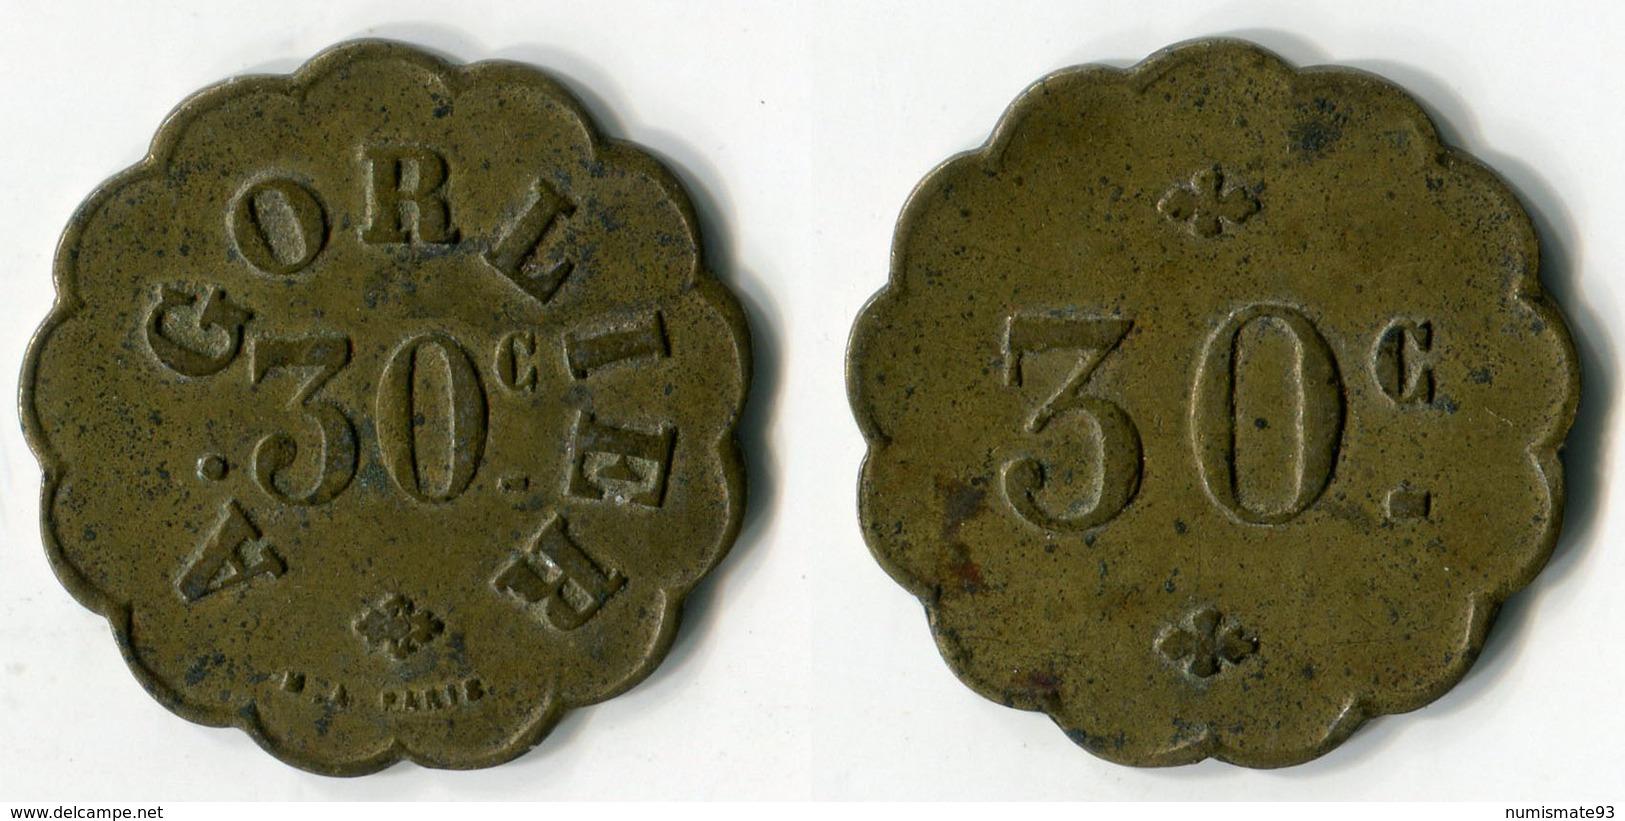 N93-0594 - Monnaie De Nécessité à Localiser - A.Gorlier - 30 Centimes - Monétaires / De Nécessité